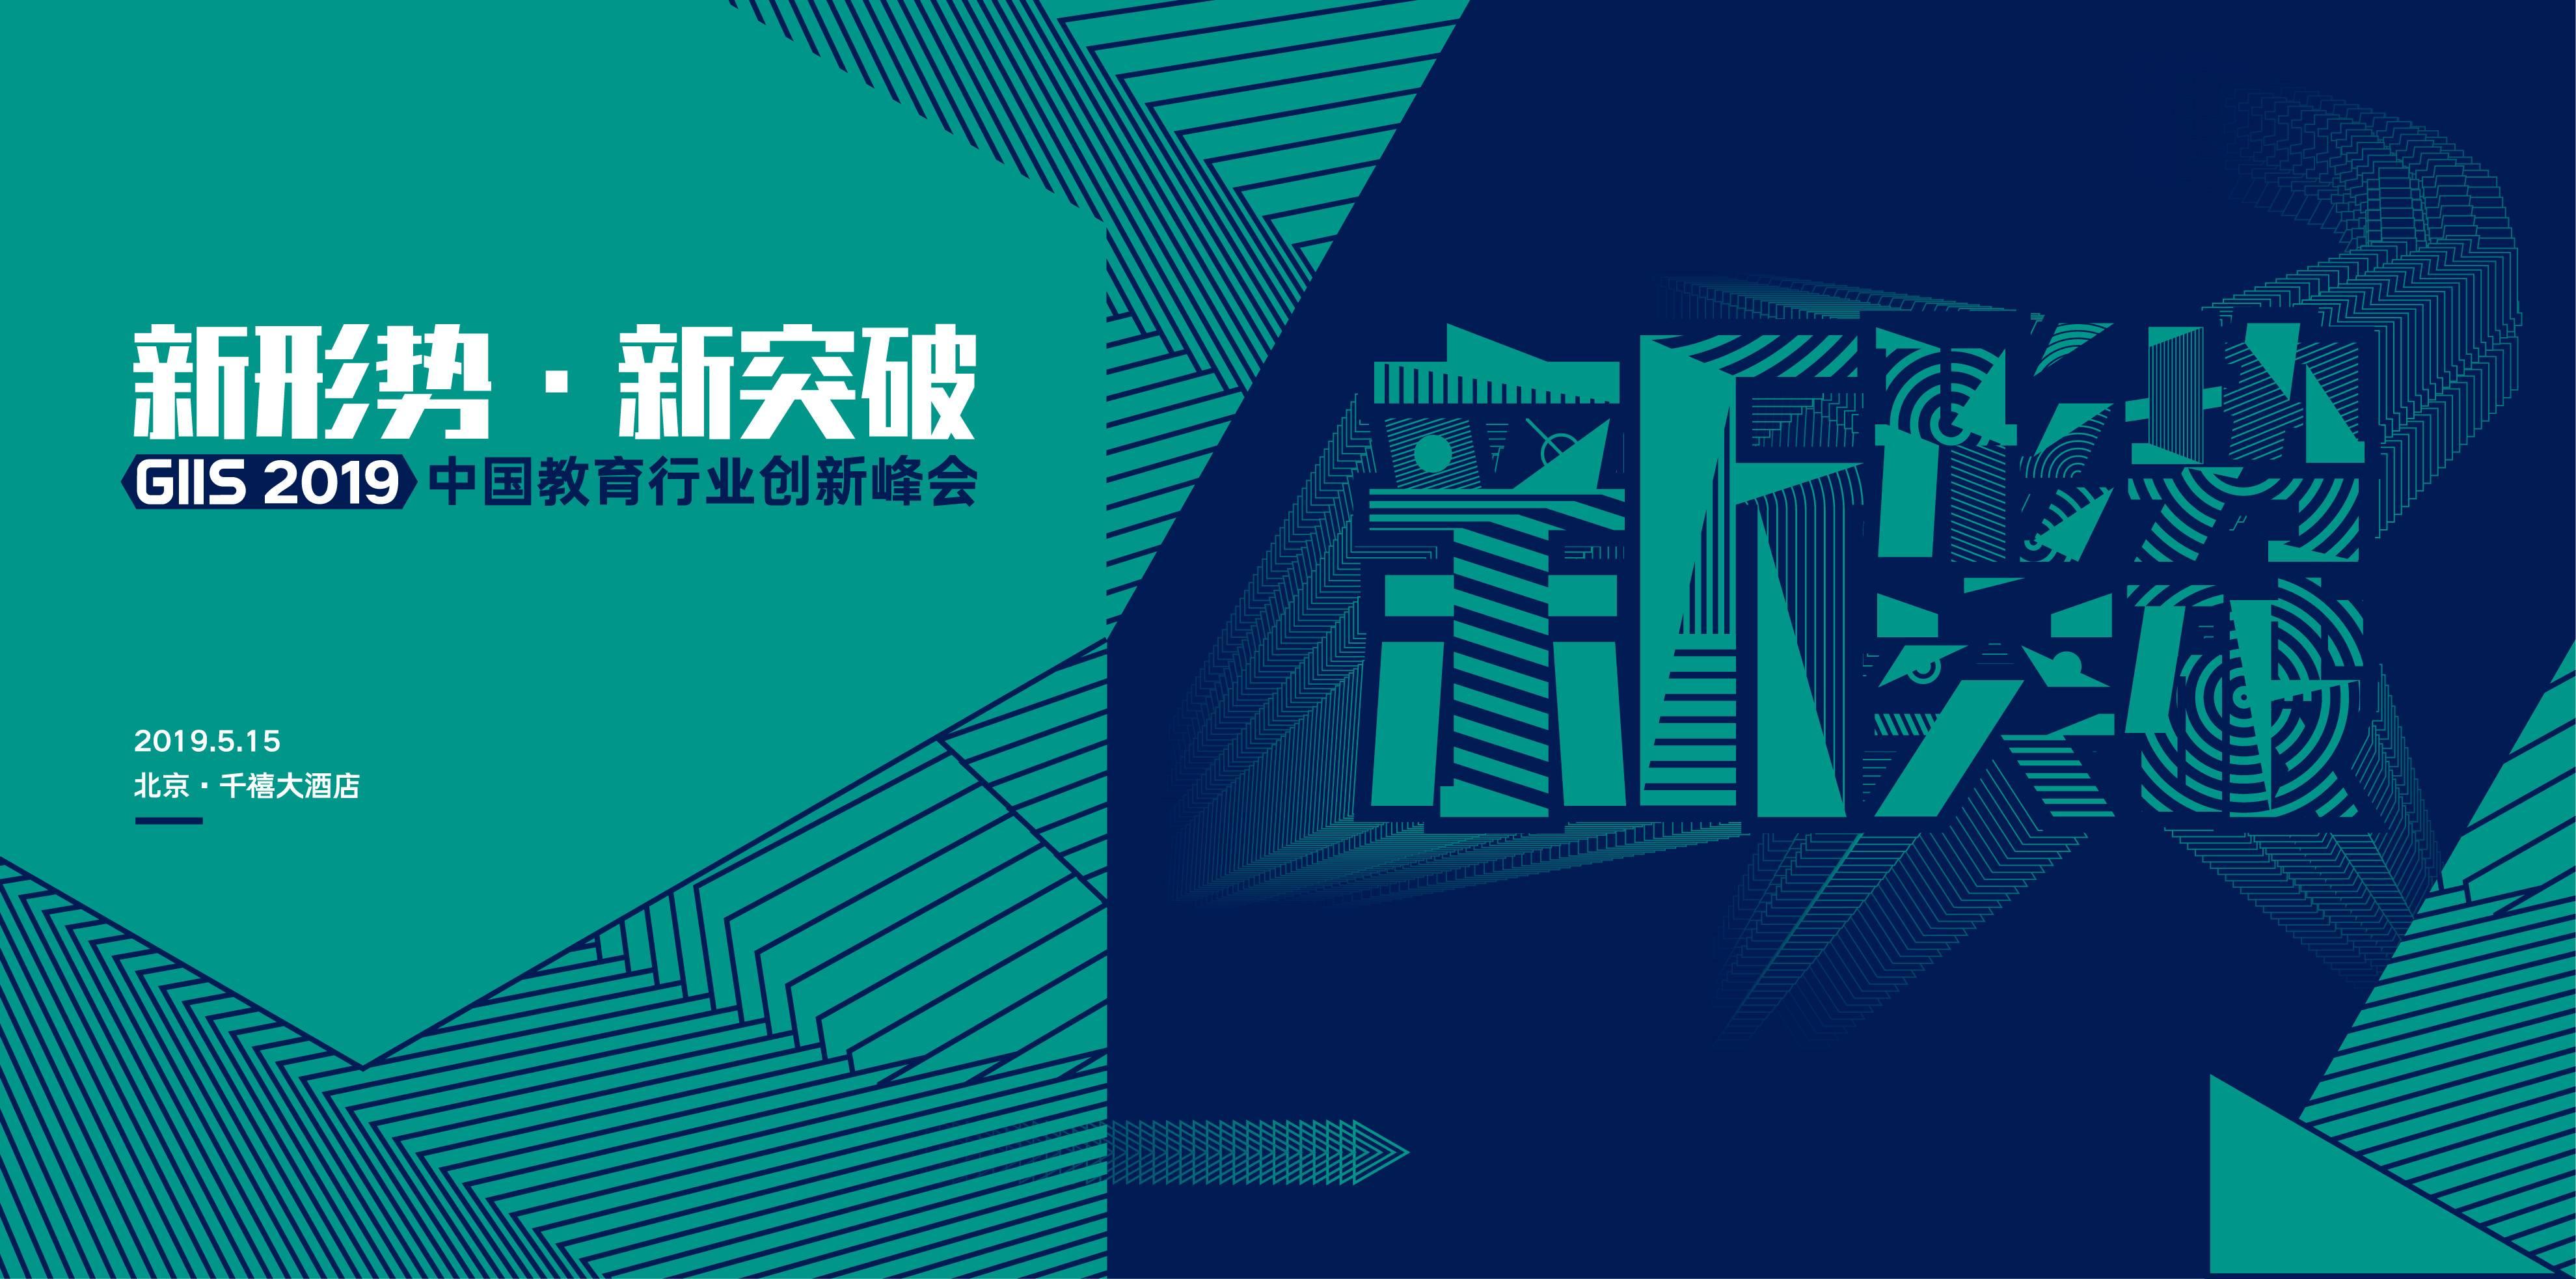 【活动】新形势·新突破  GIIS2019中国教育行业创新峰会-亿欧